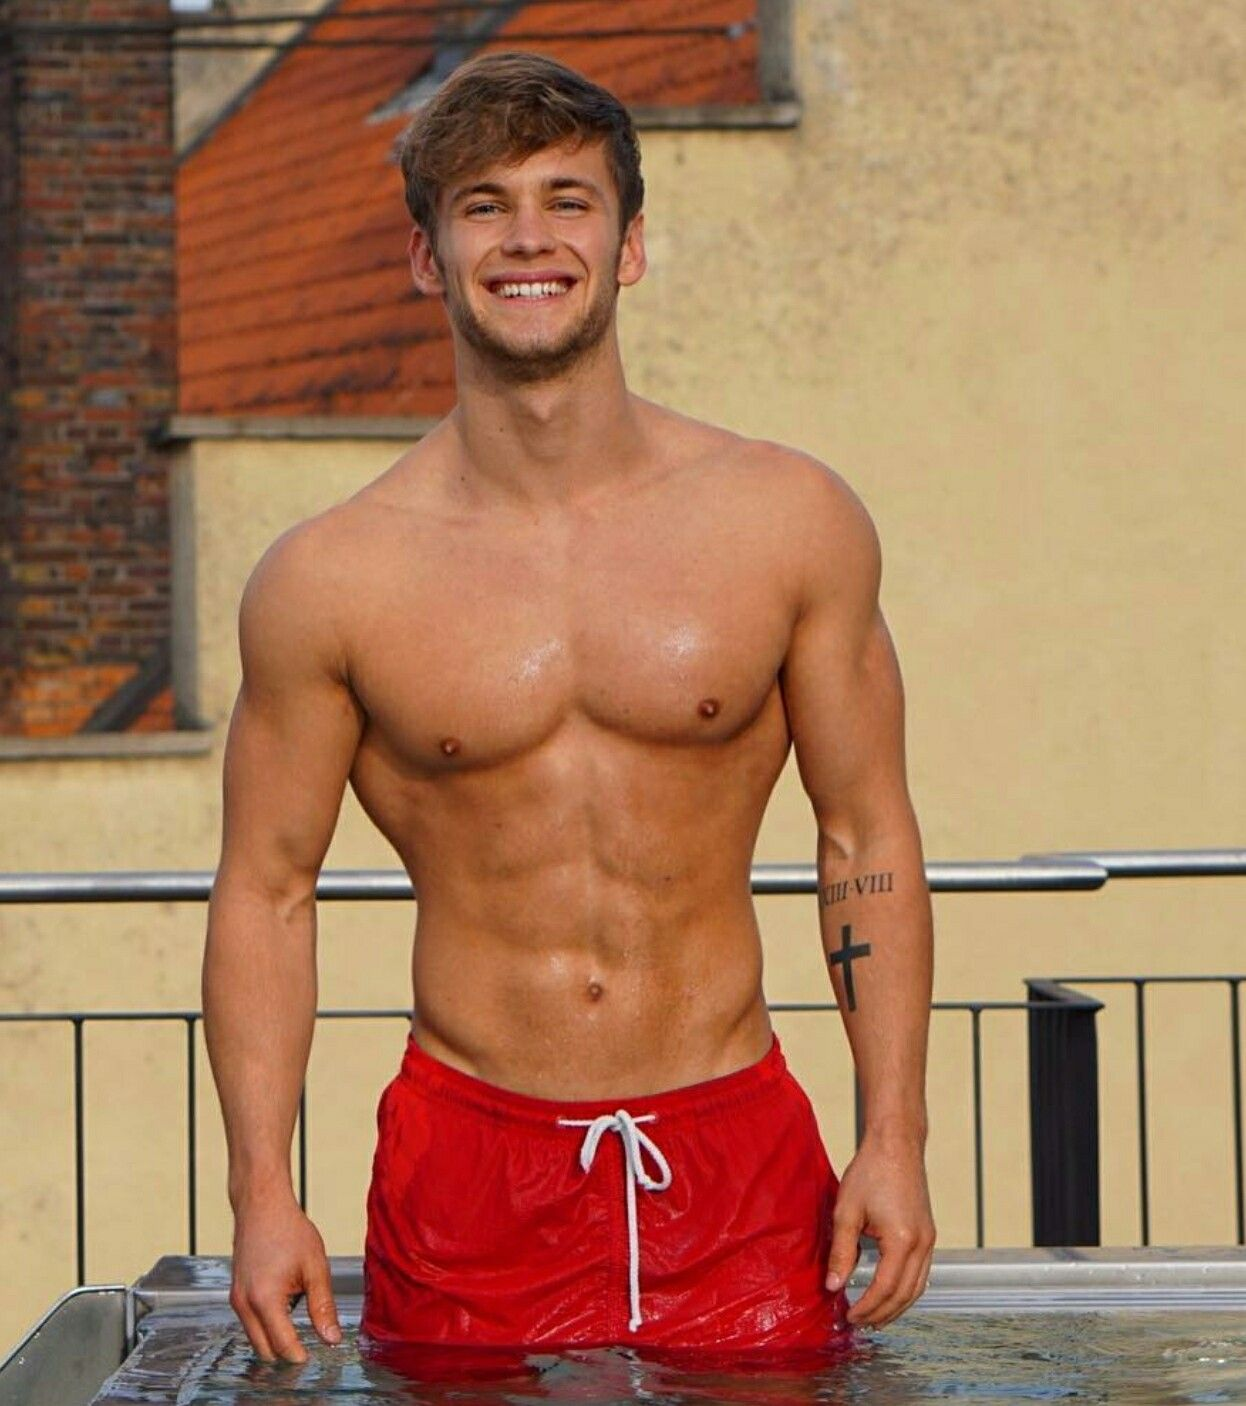 Pin by Dee on carn TURKA | Muscle men, Big muscles, Mens